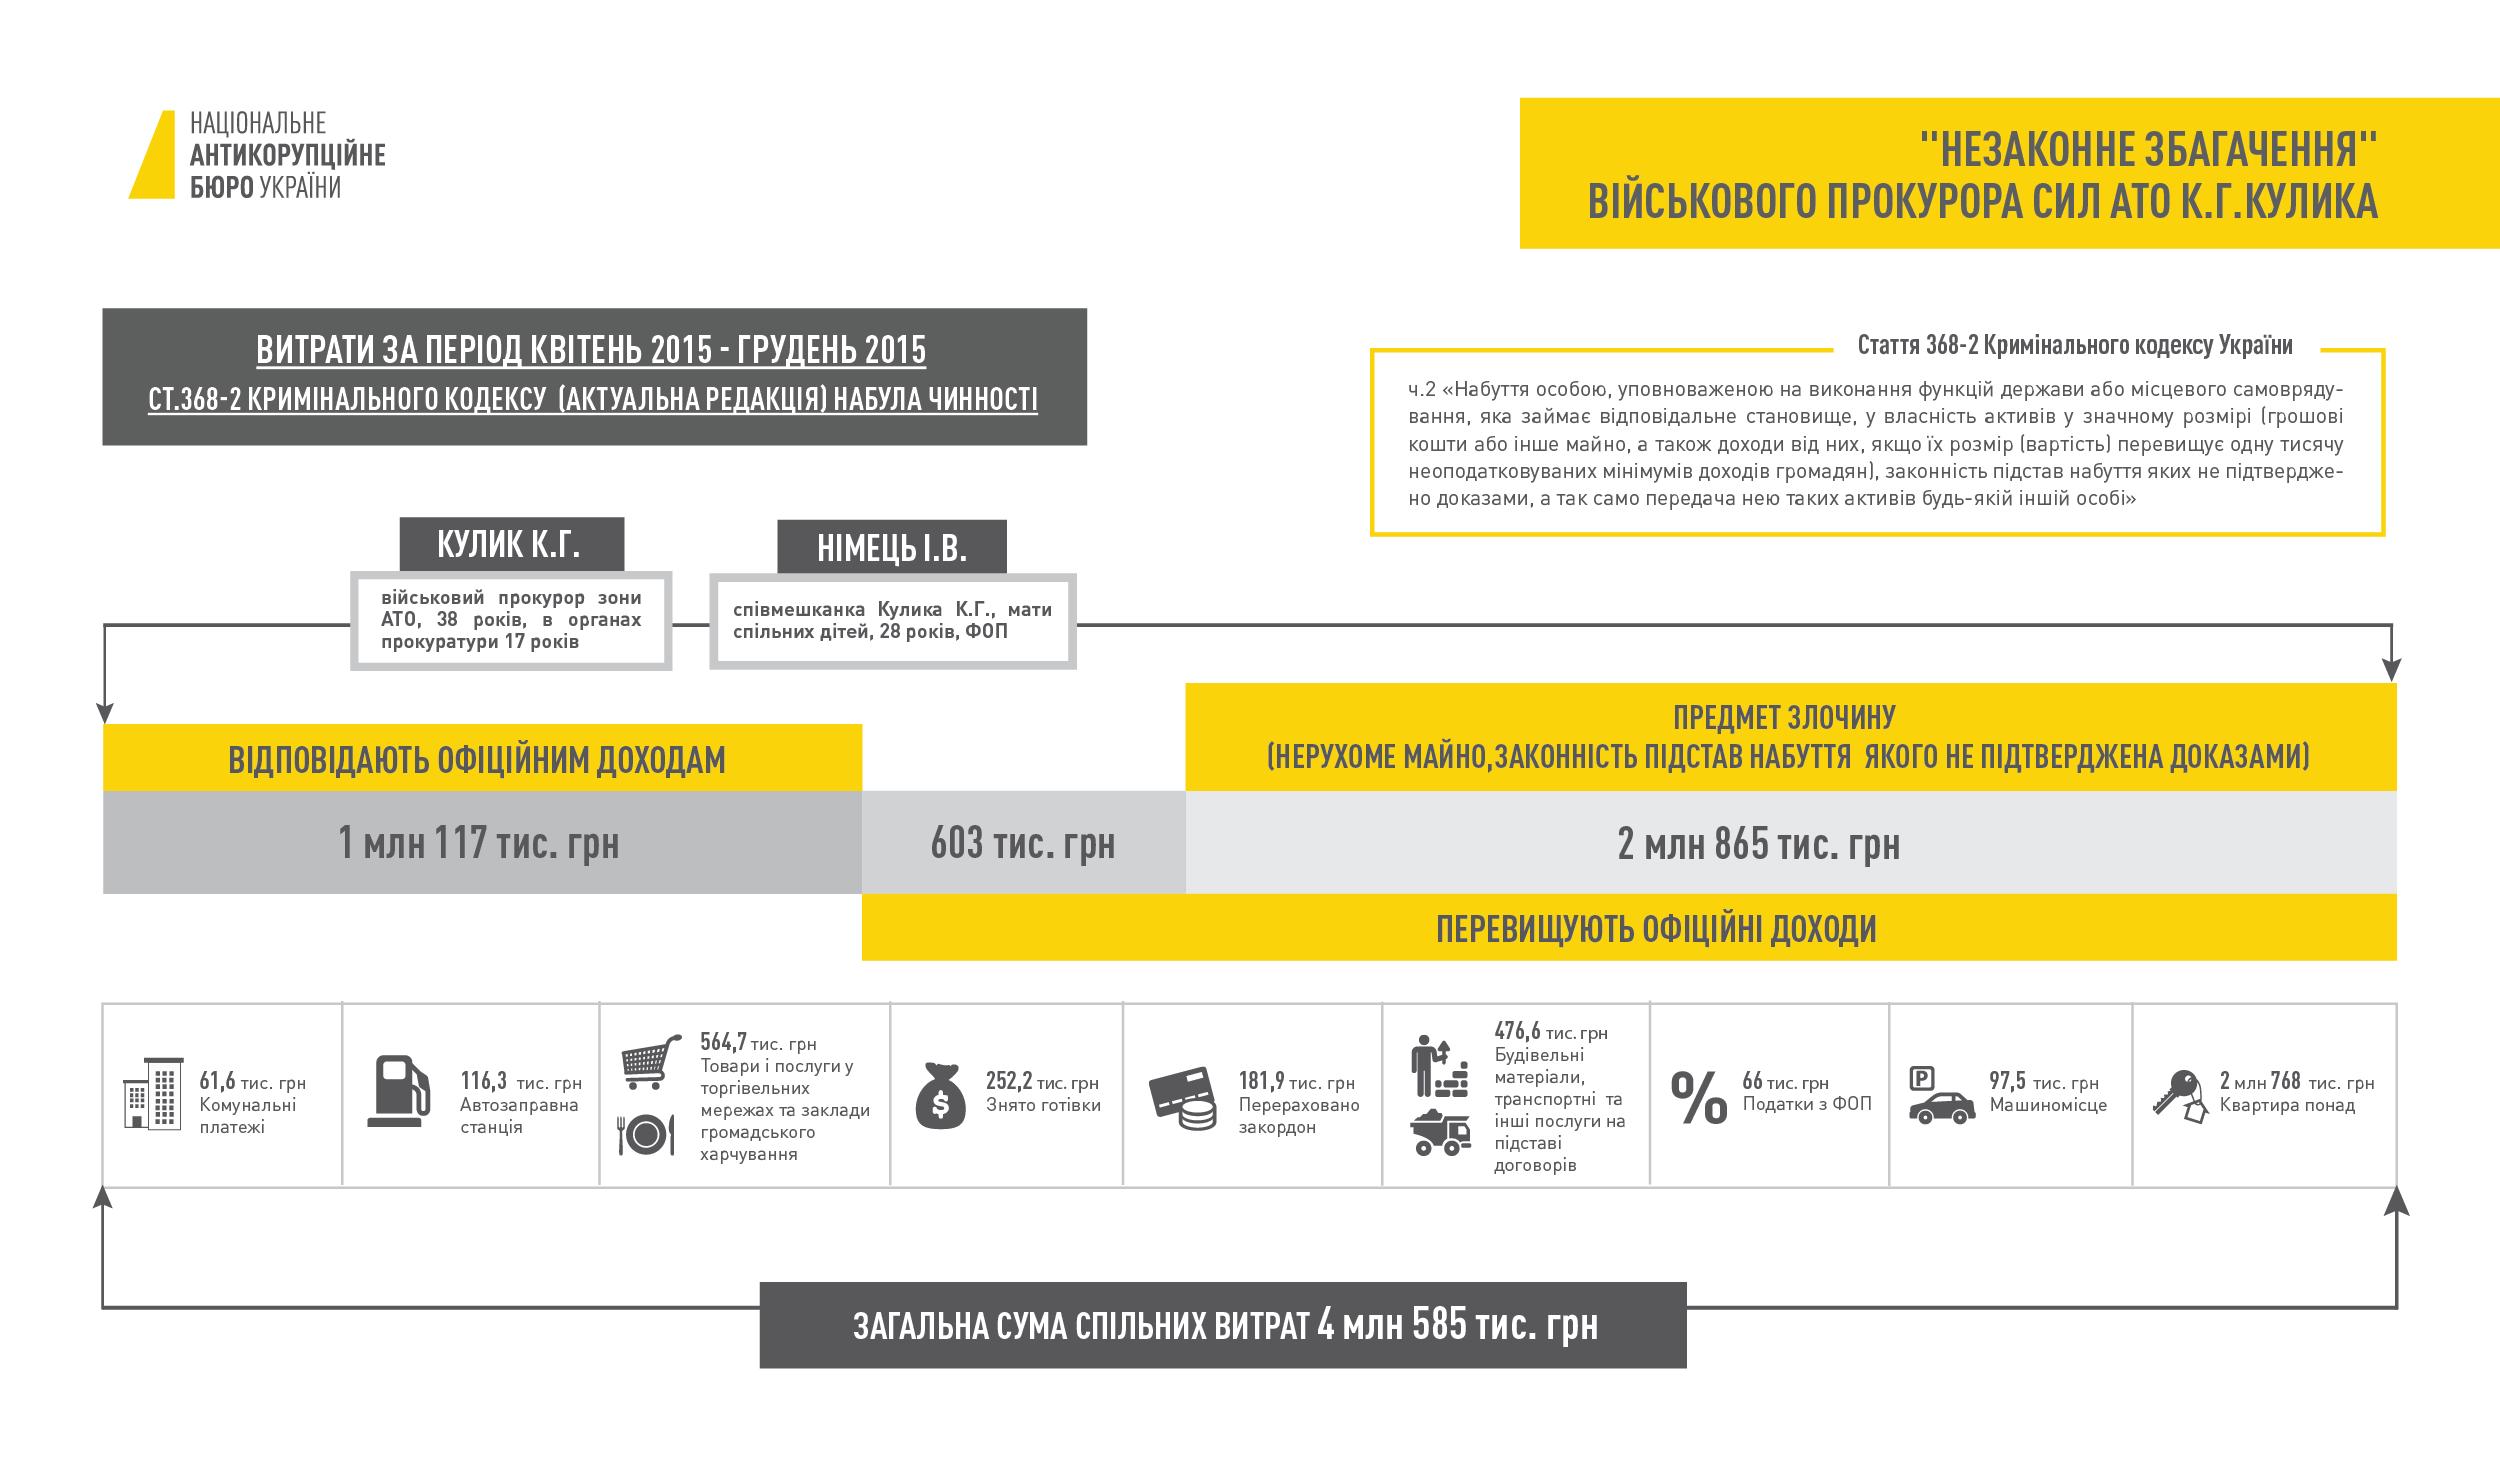 НАБУ оприлюднило схему збагачення військового прокурора Кулика - фото 1